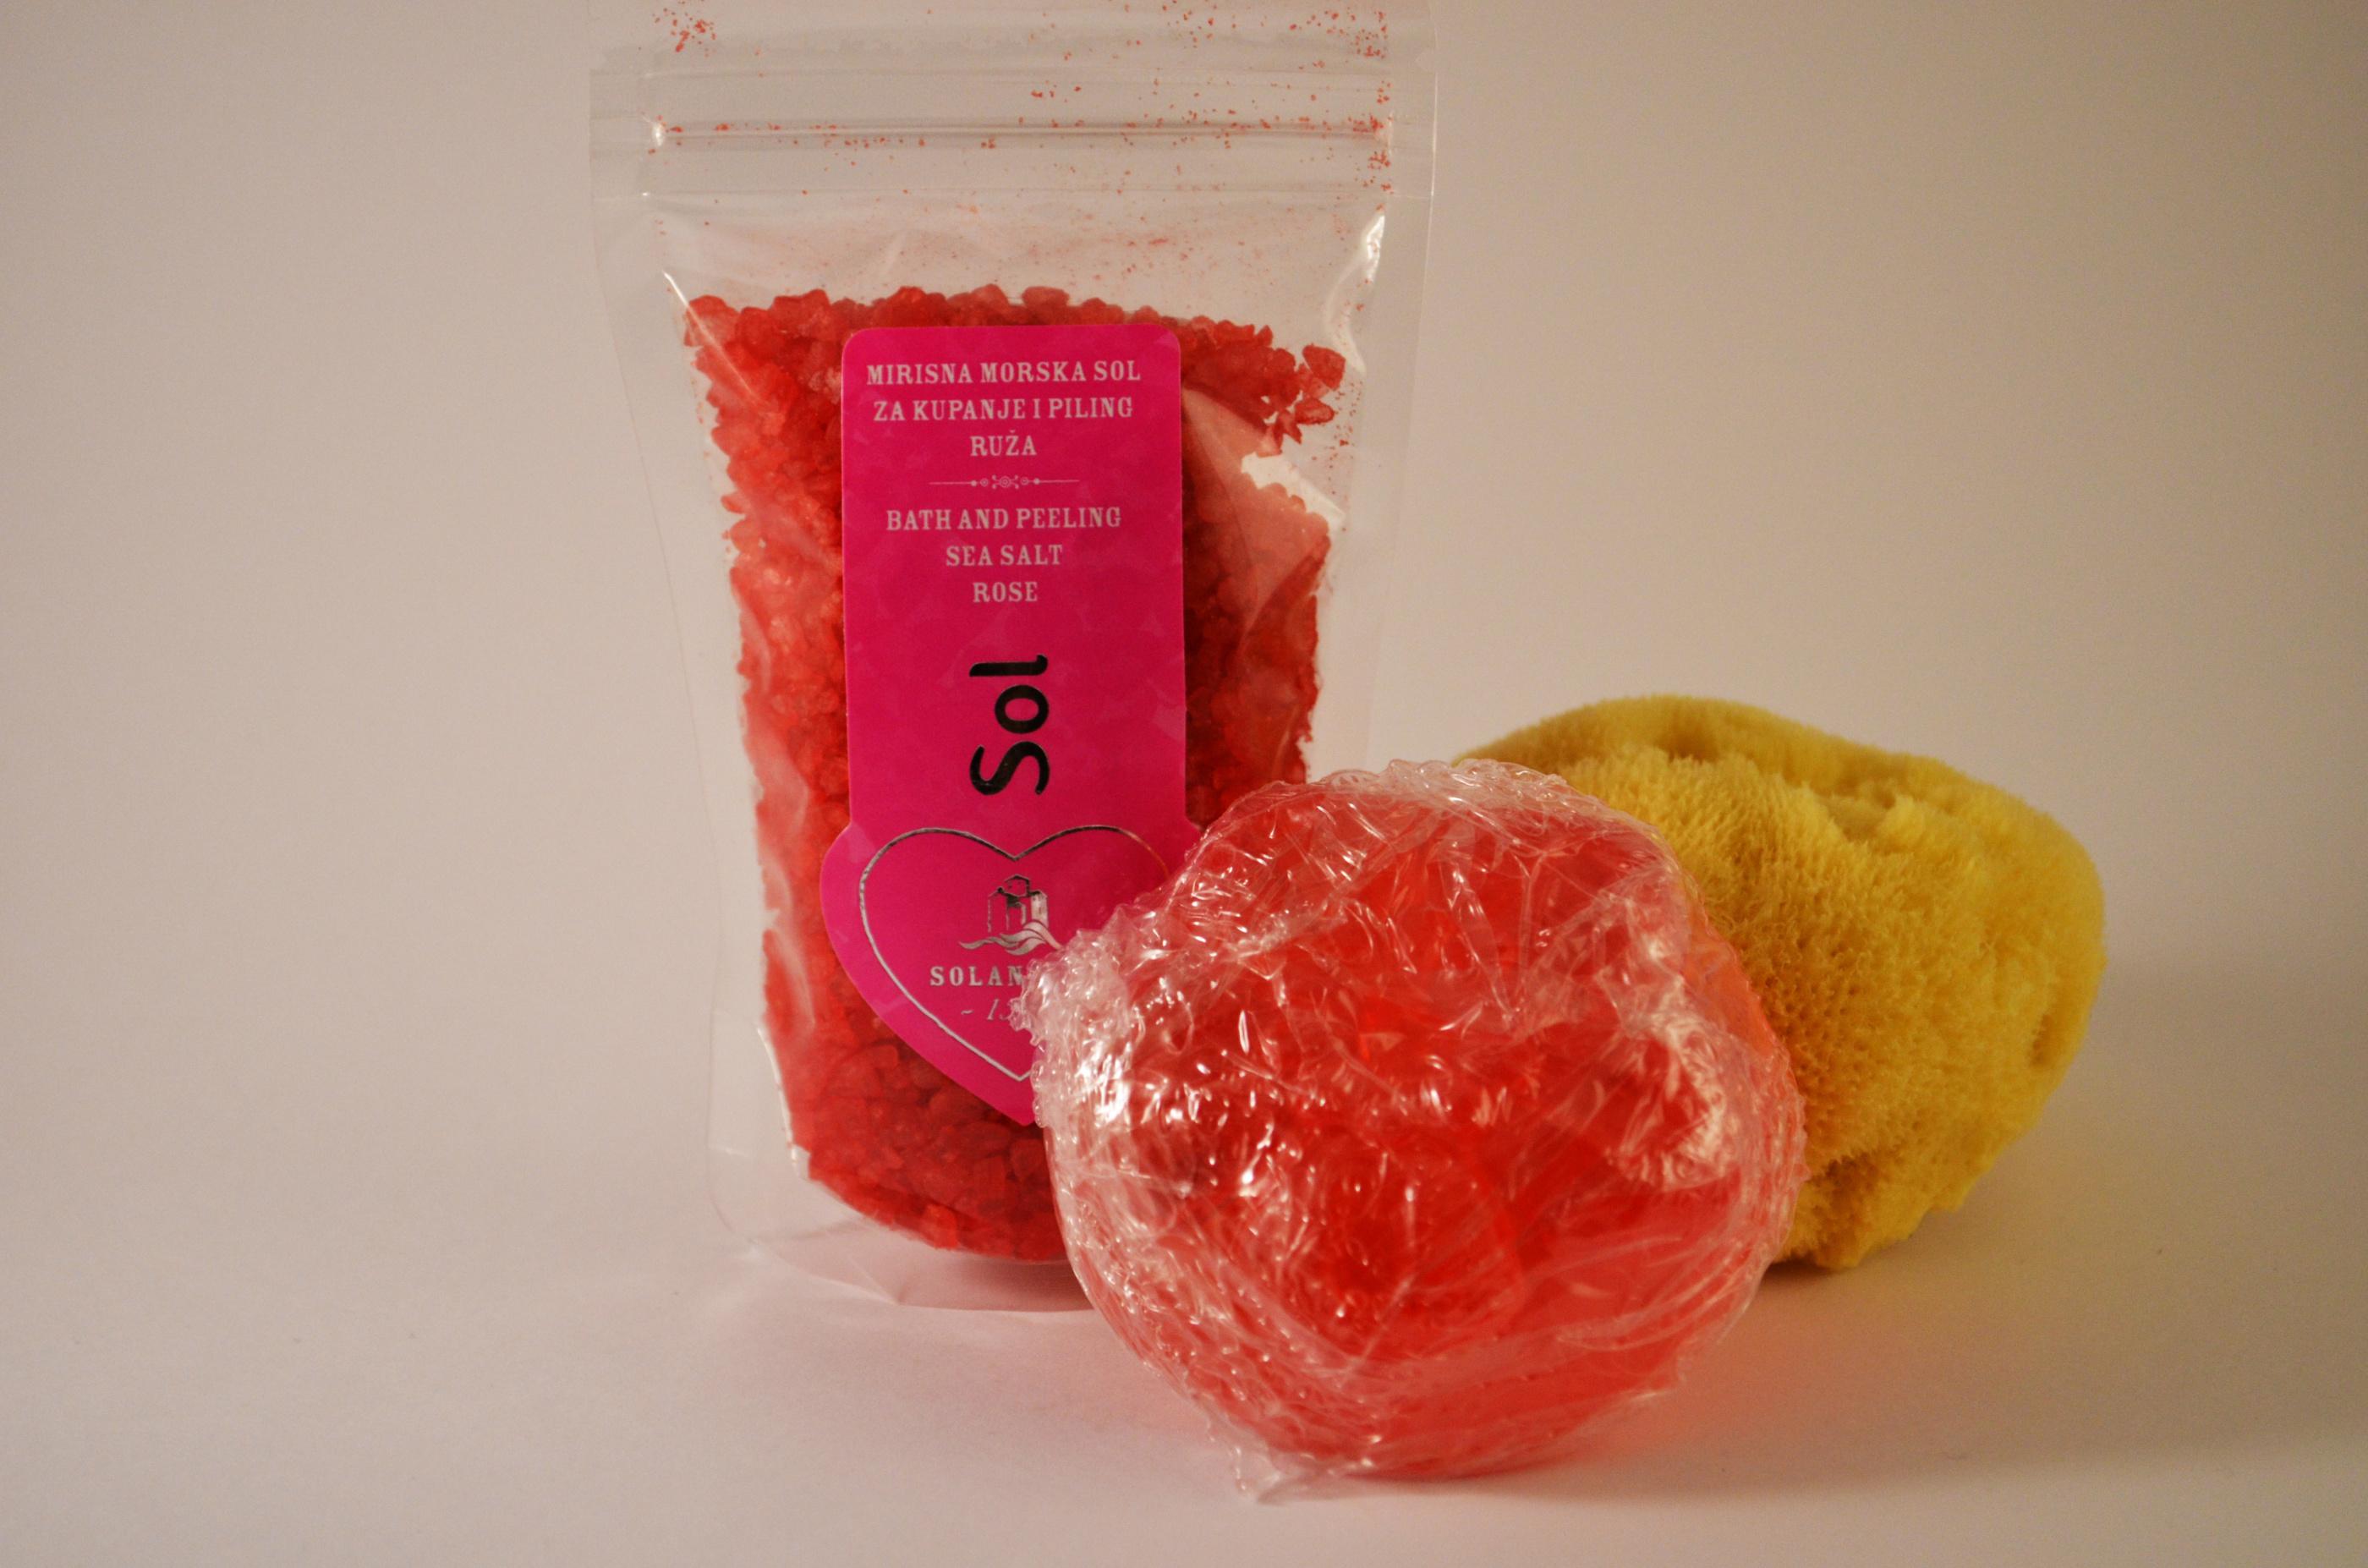 badsalt rosenblad - duschsvamp - tvål